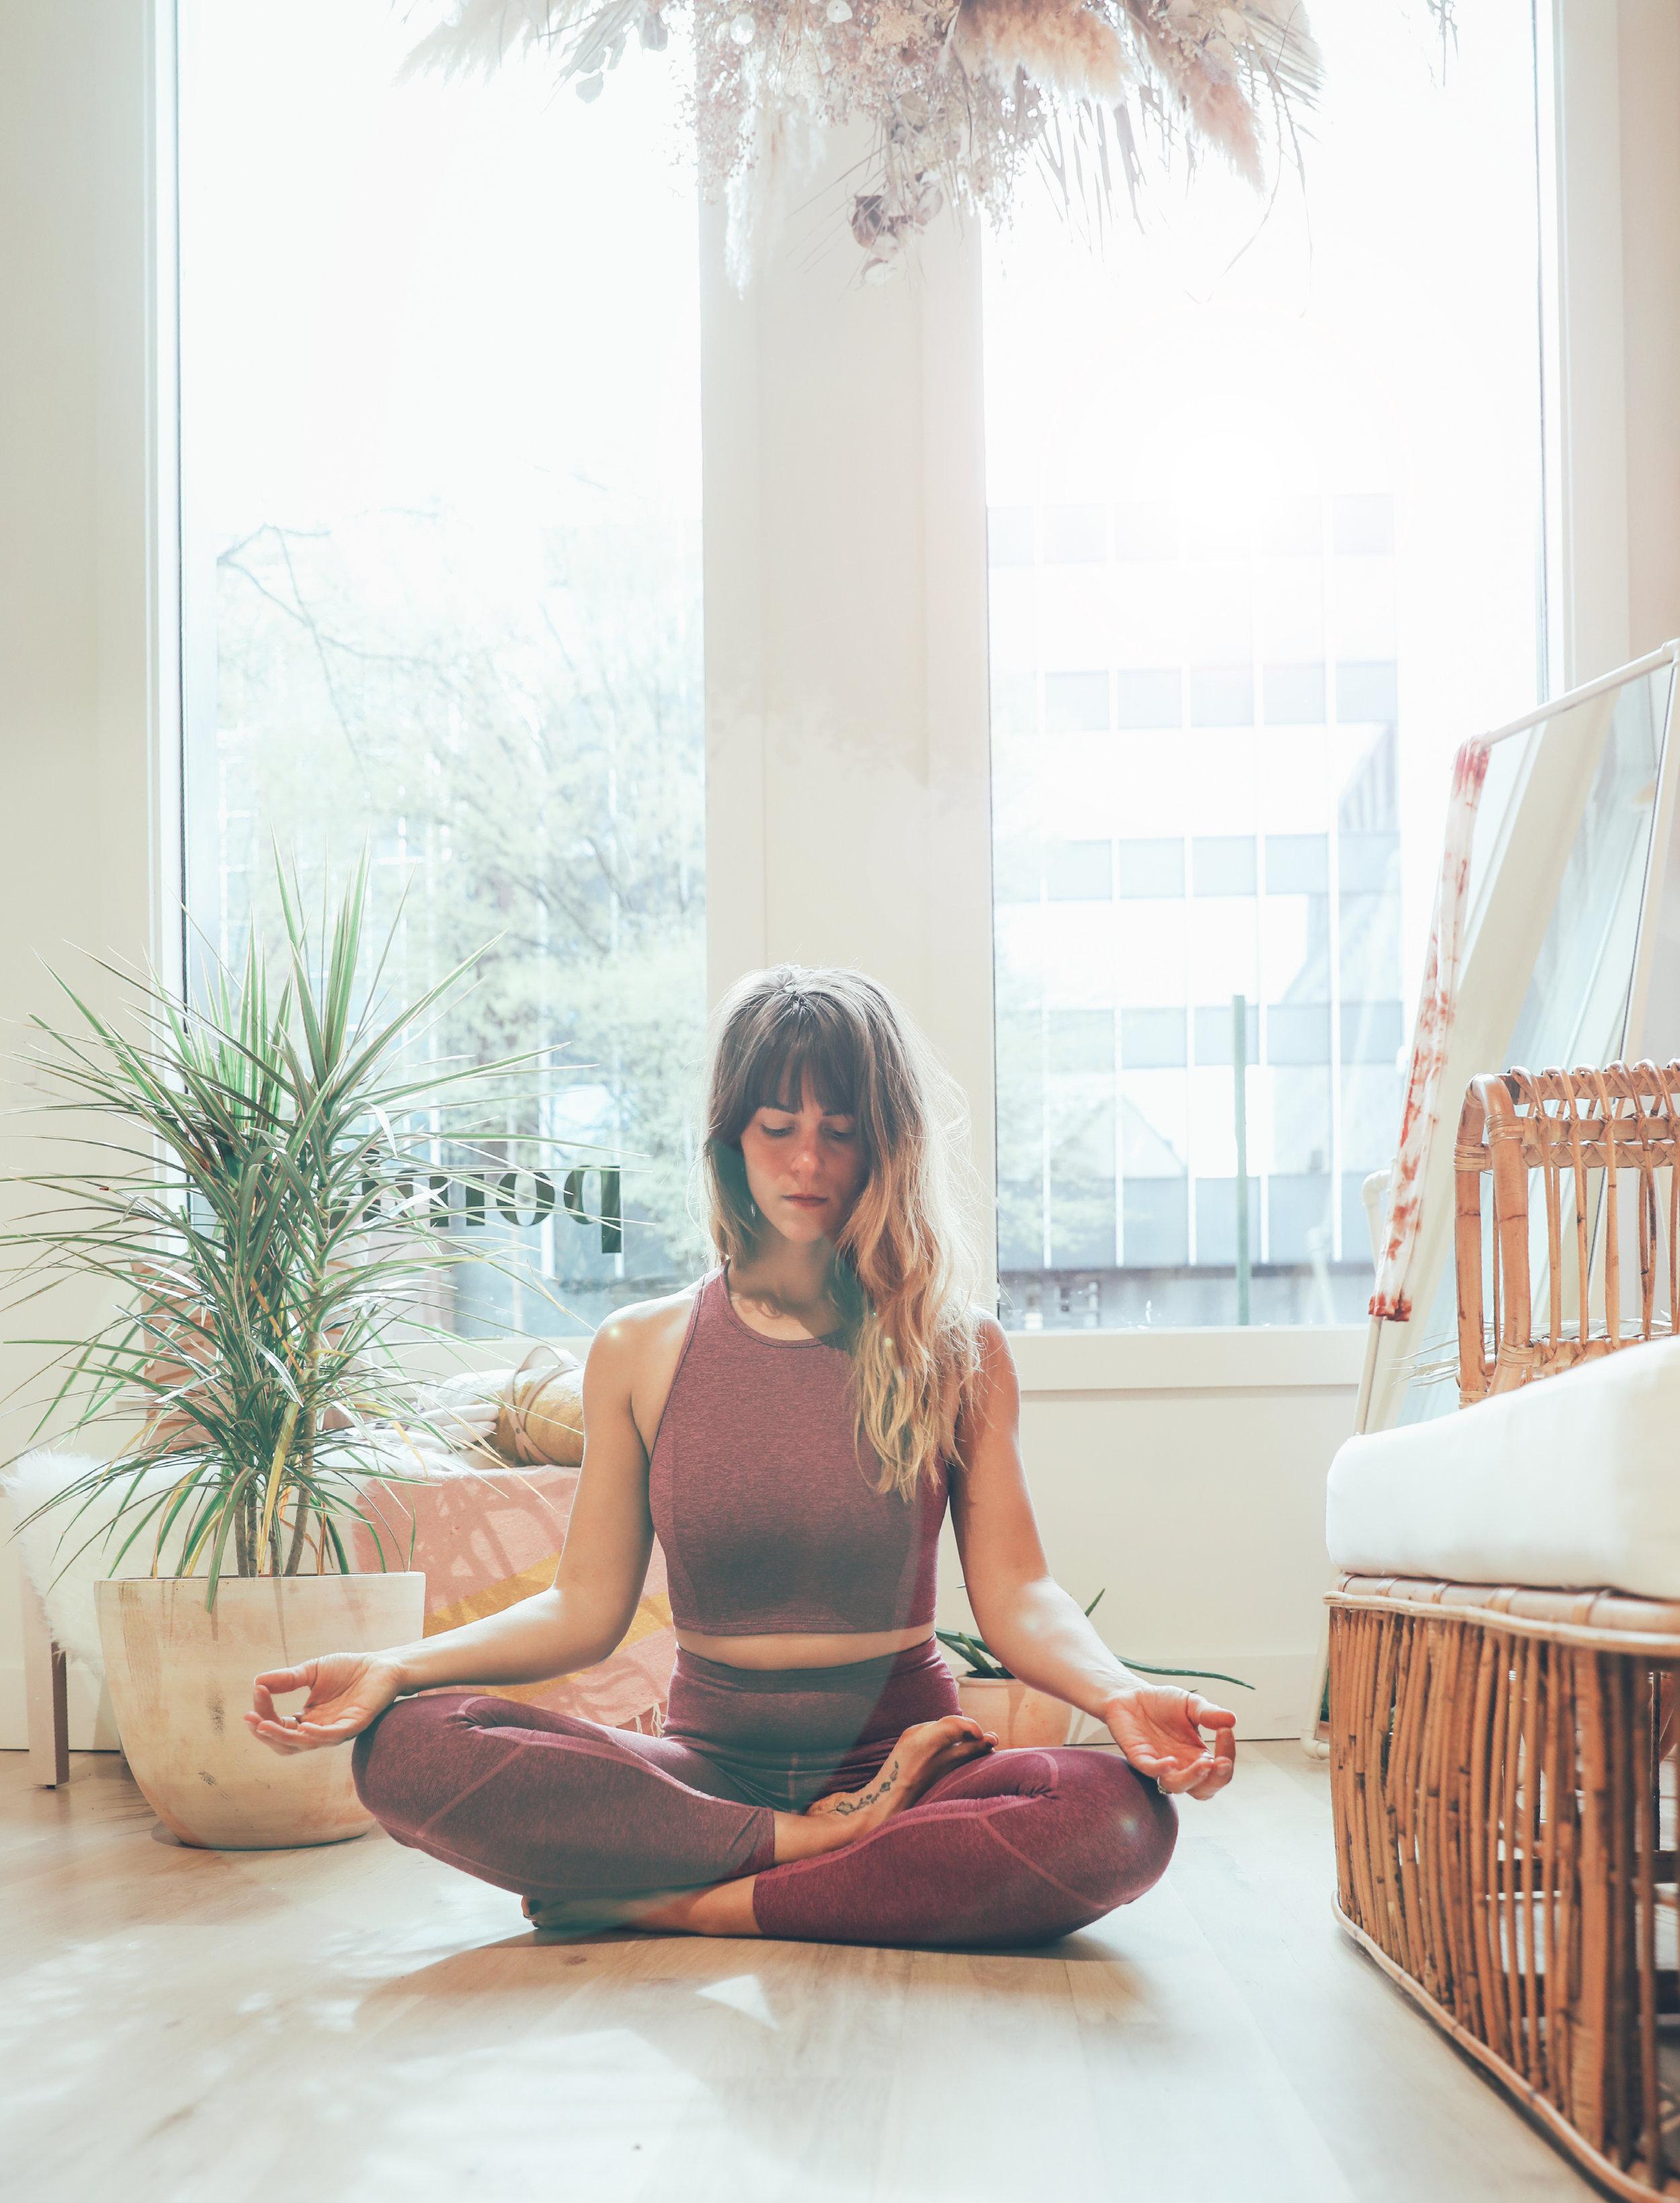 Margie_yoga_POMKT_006.jpg